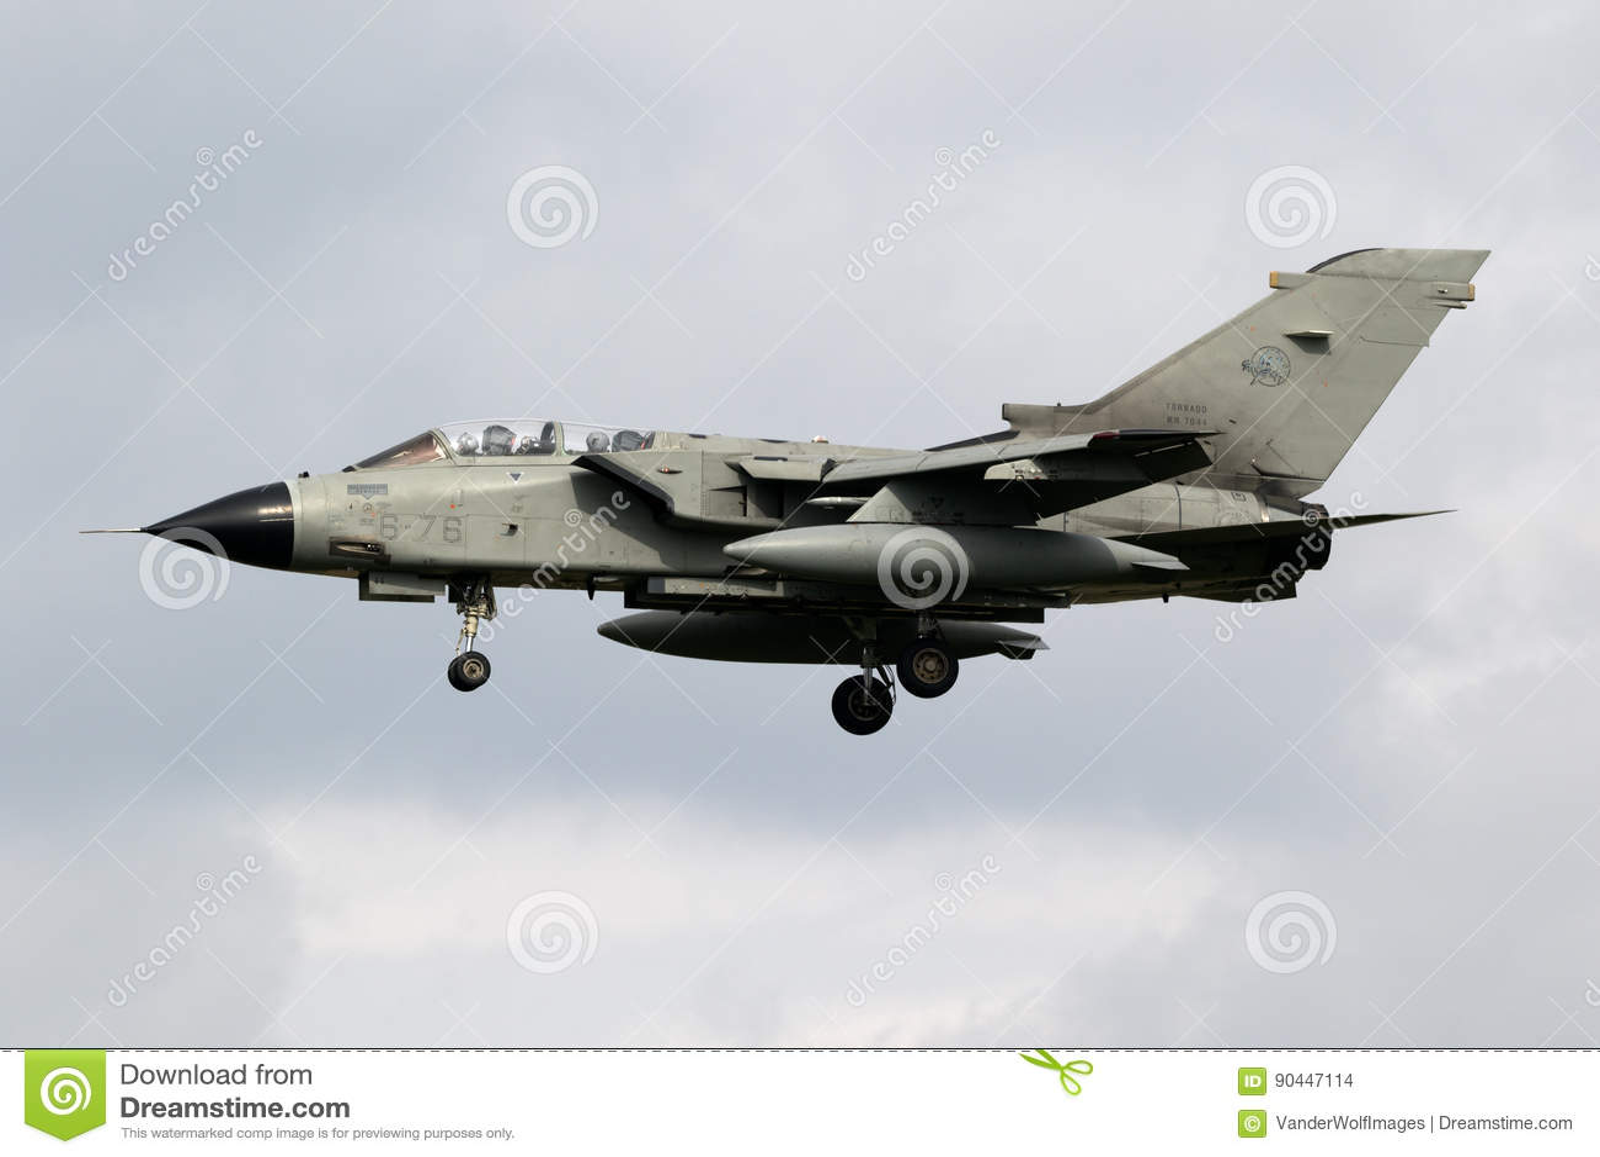 Aereo Da Caccia Tornado : Æreo a reazione di aereo da caccia del bombardiere